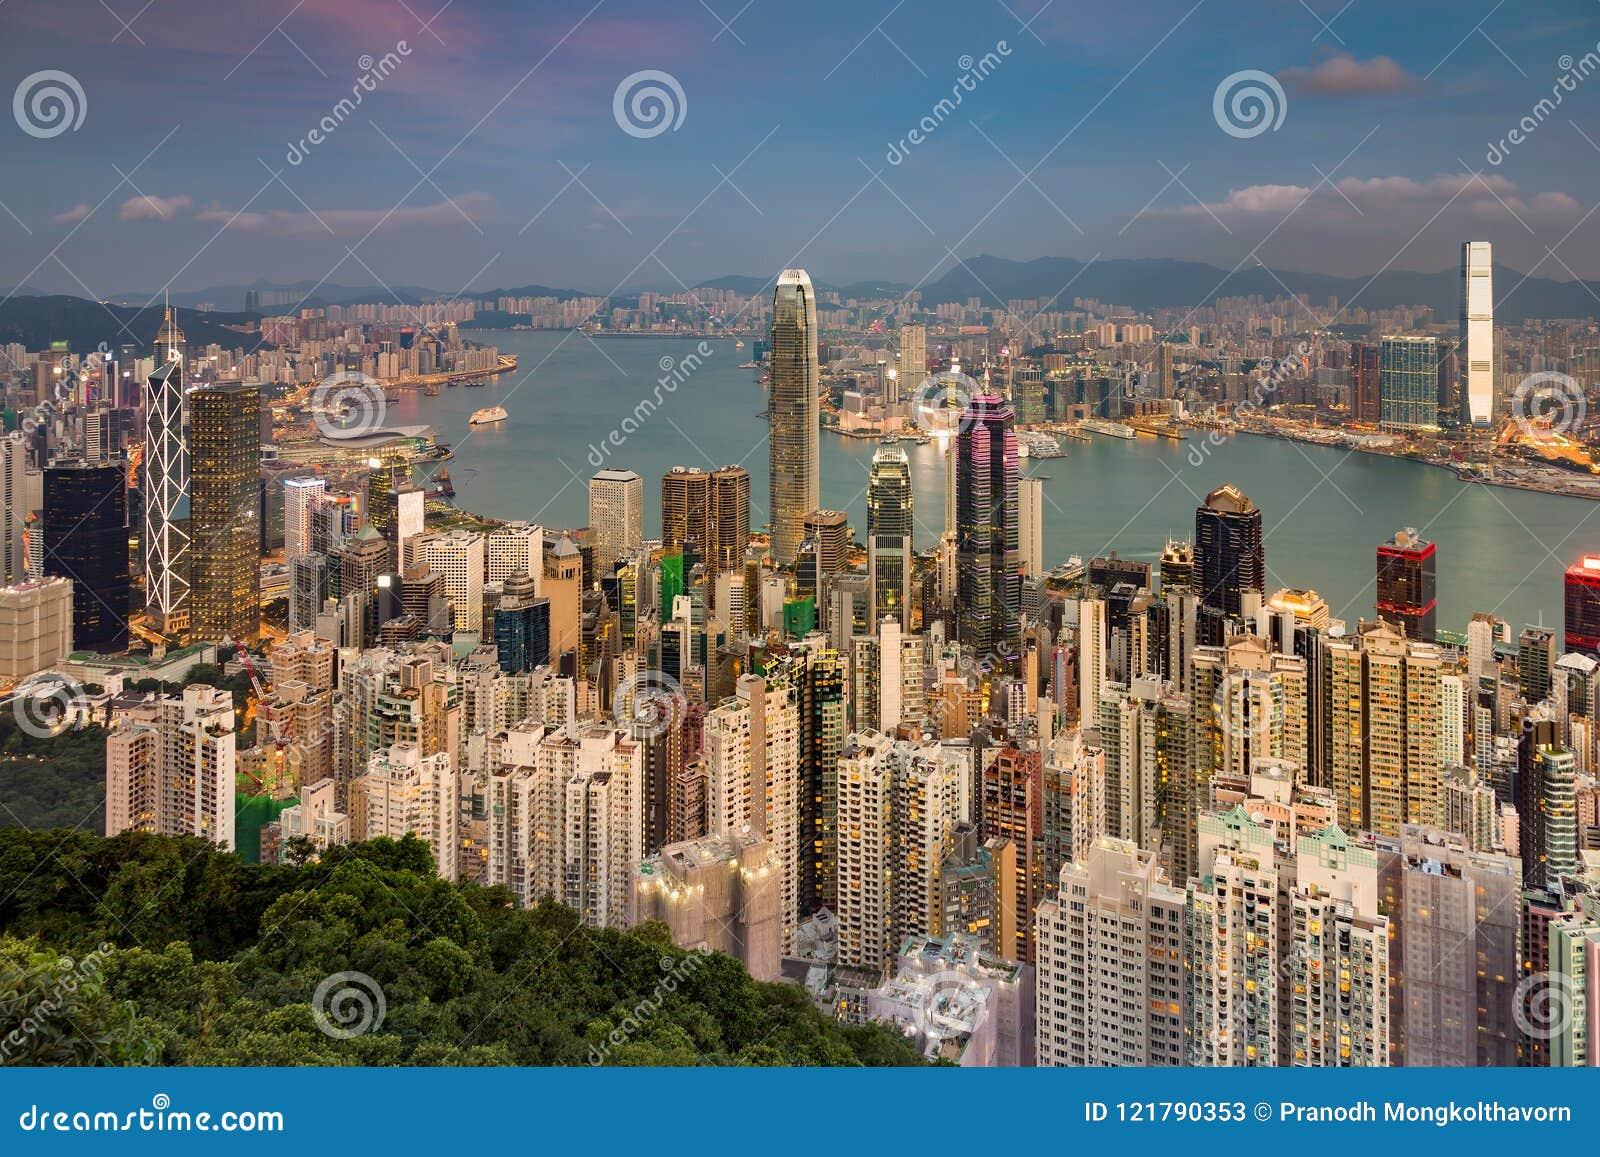 De lucht centrale zaken van de meningshong kong overvolle stad de stad in